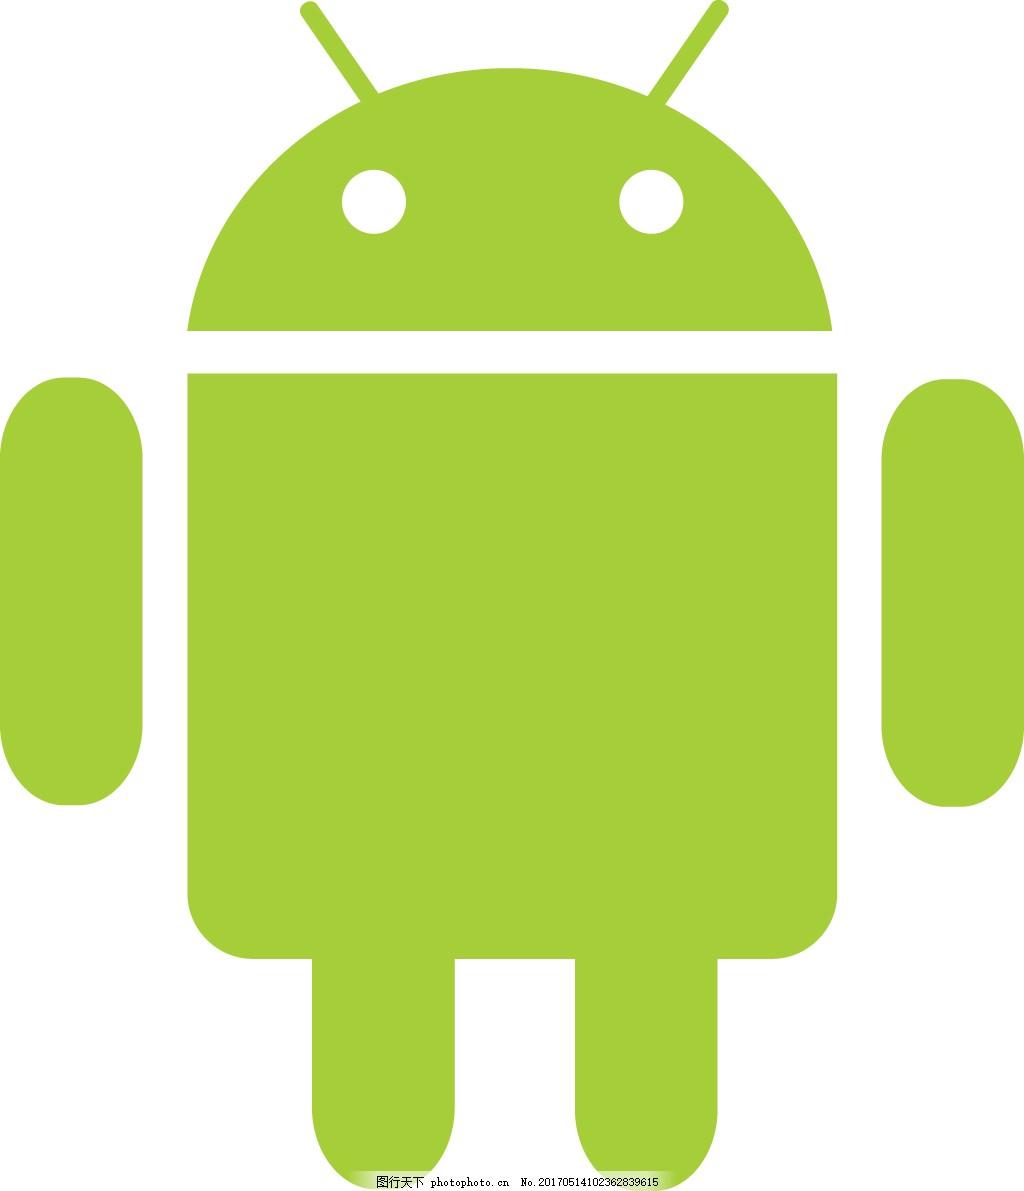 安卓系统小人logo 安卓 系统 小人icon 图标